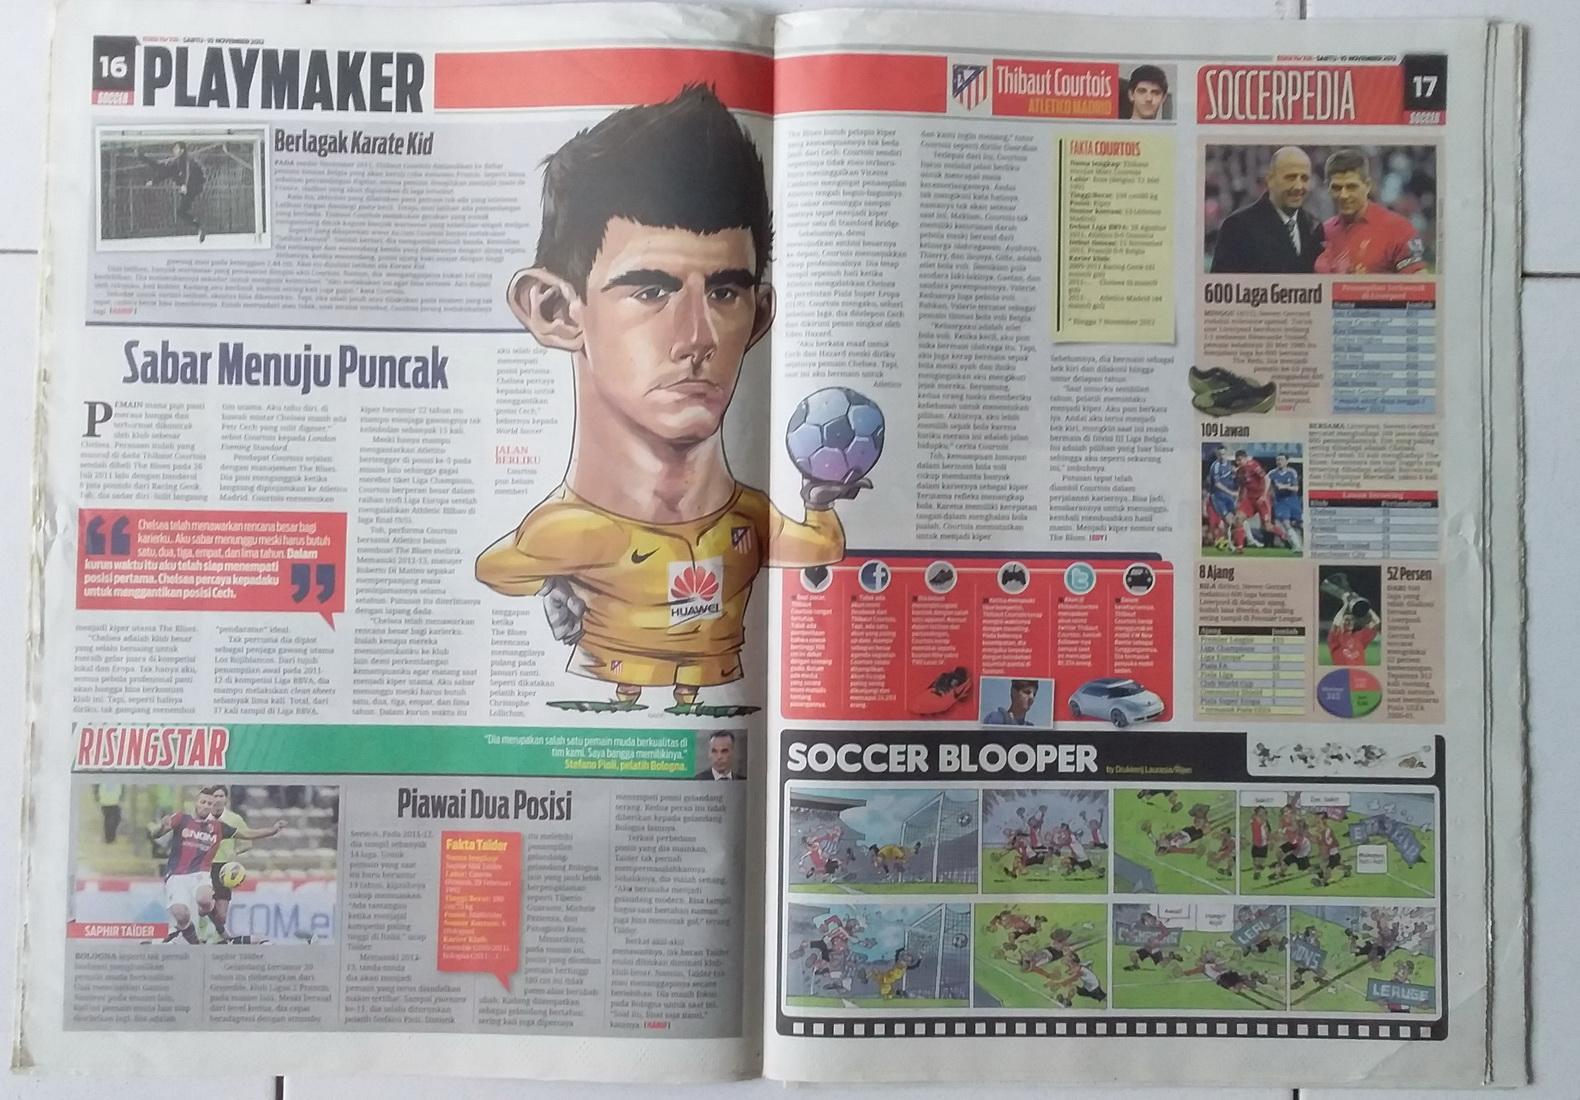 Tampilan rubrik dalam tabloid Soccer.